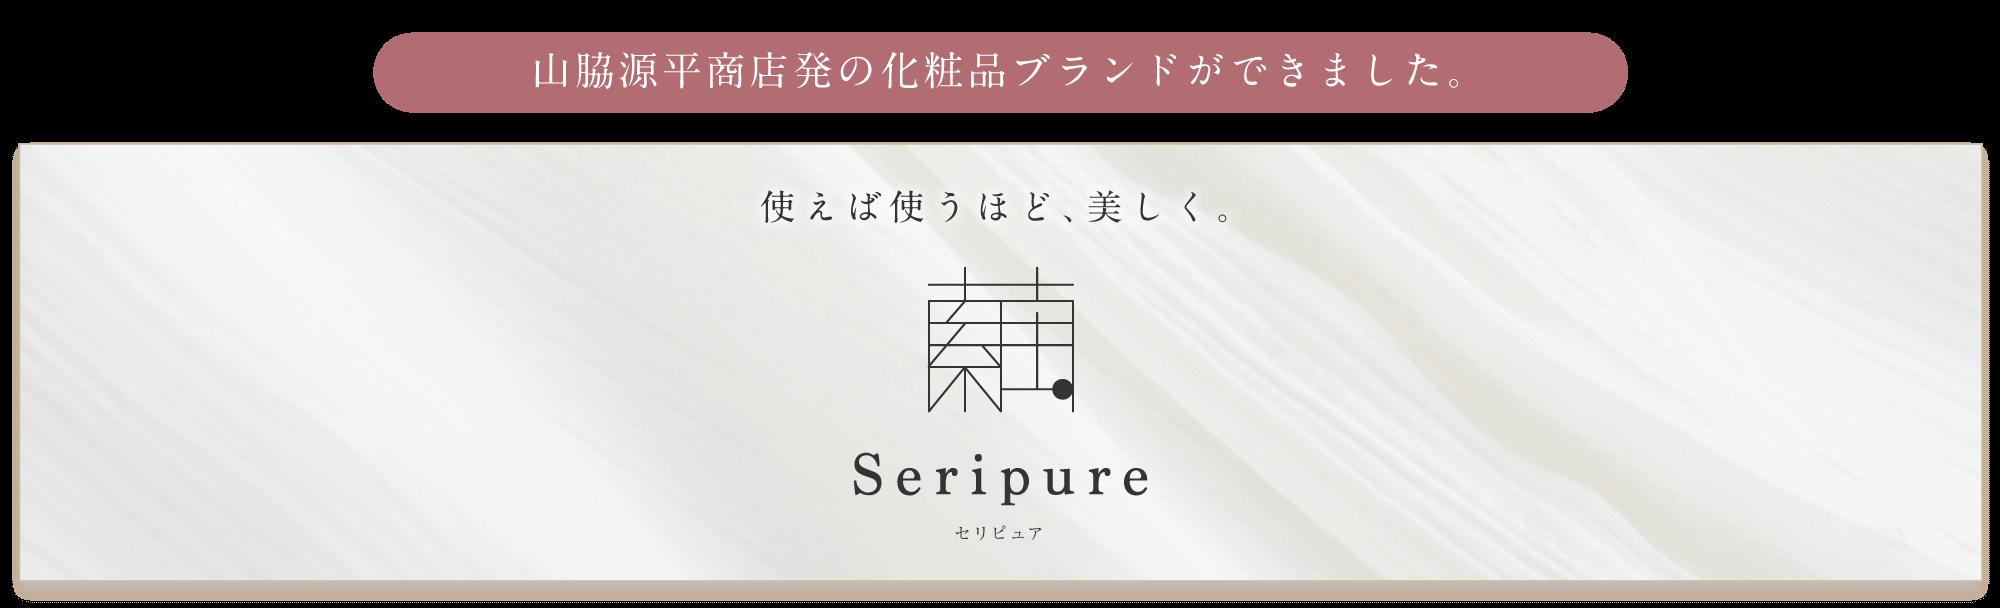 山脇源平商店発の化粧品ブランド「Seripure -セリピュア- 」ができました。